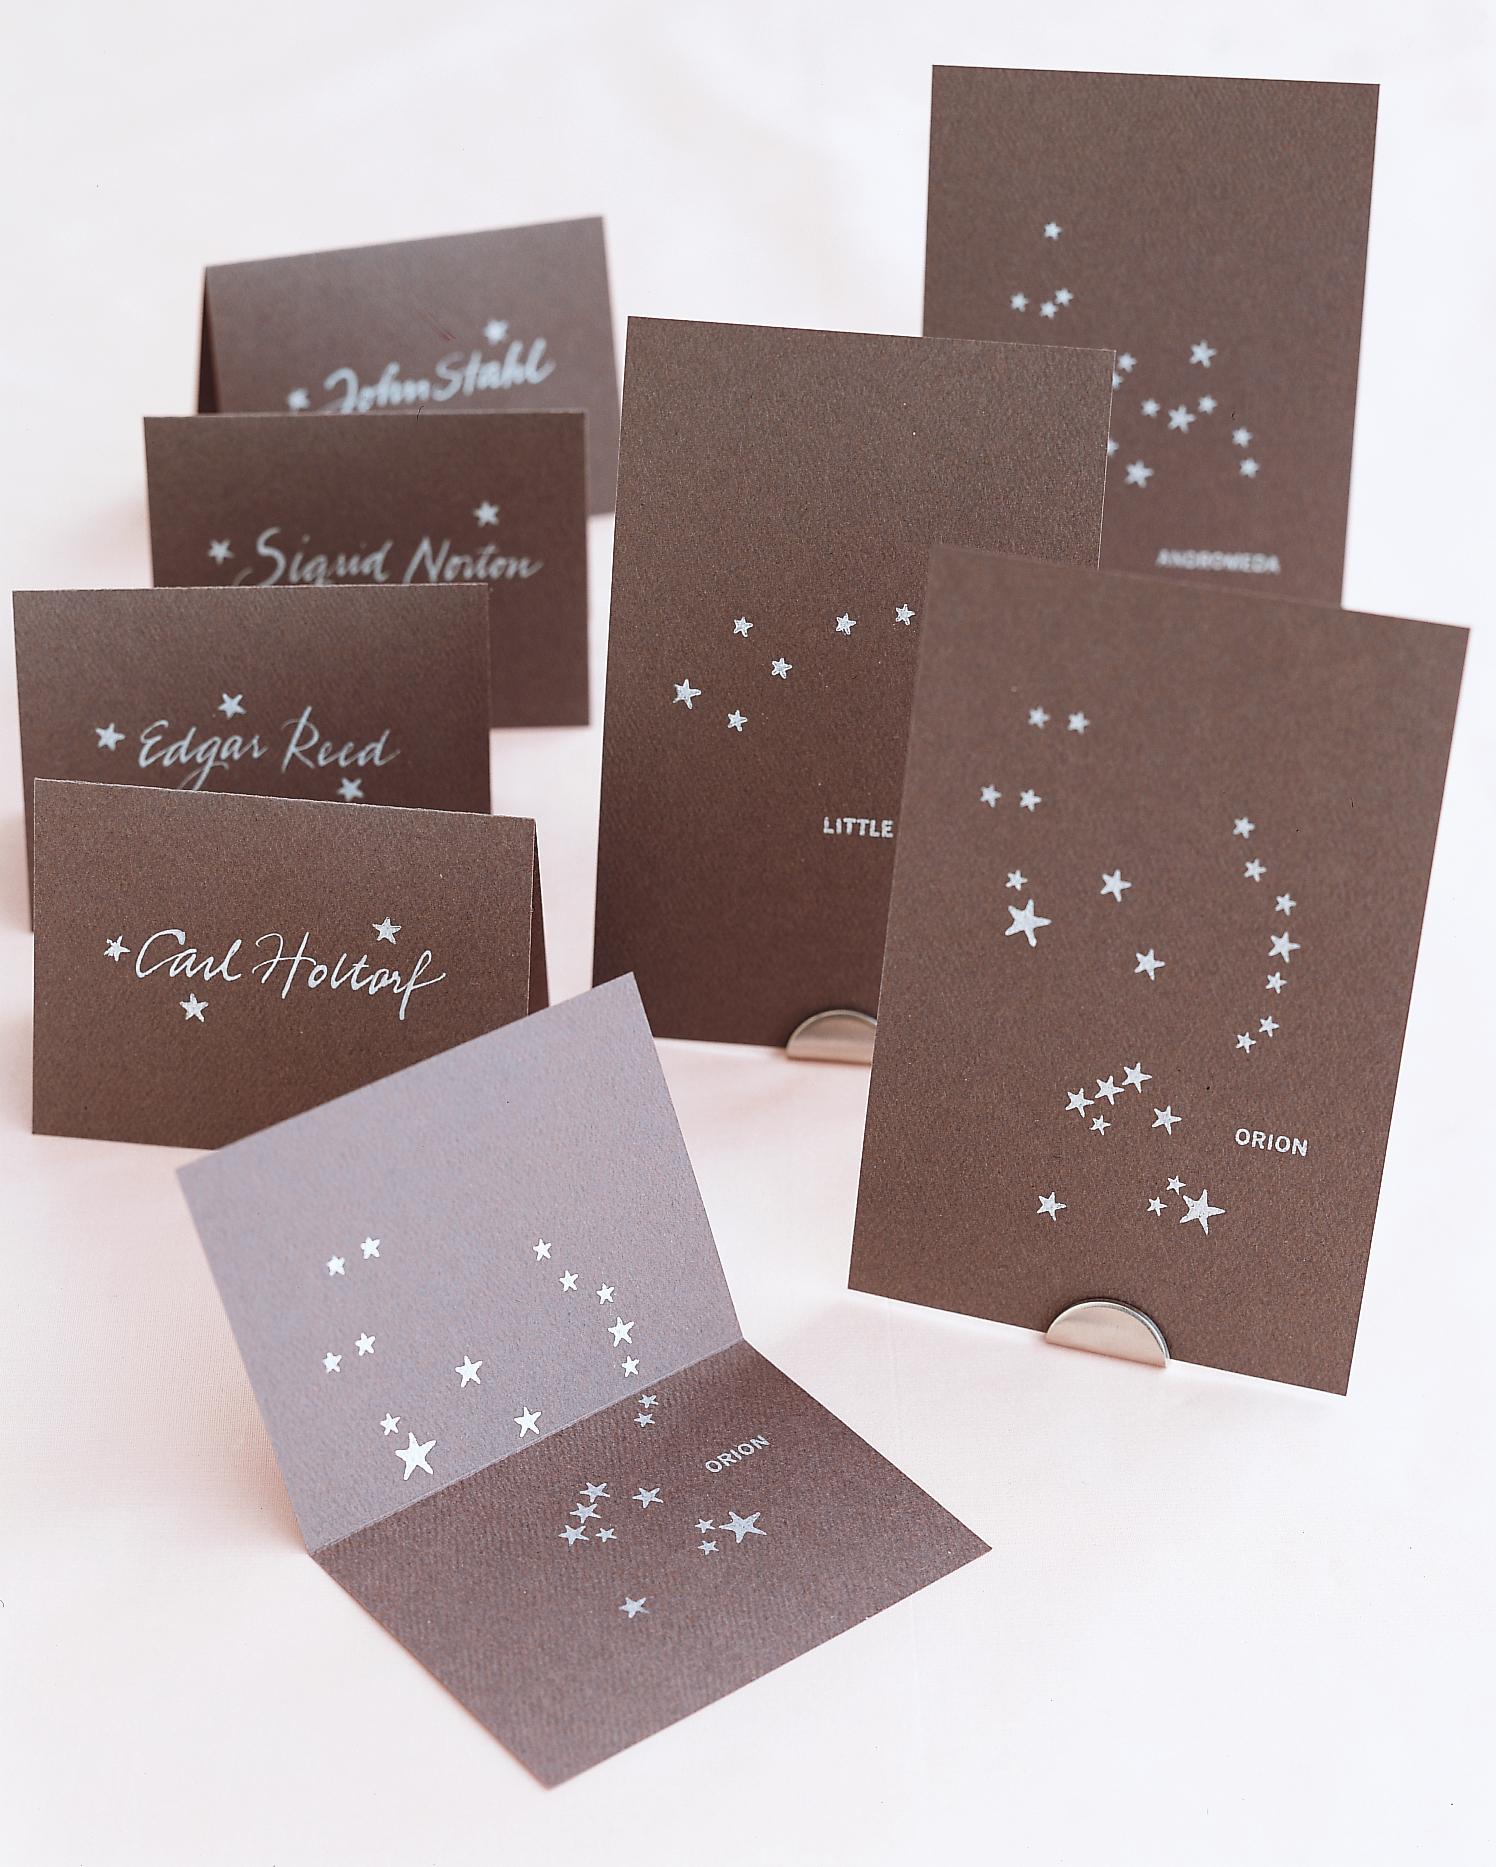 diy-table-numbers-constellation-markers-su01-0715.jpg